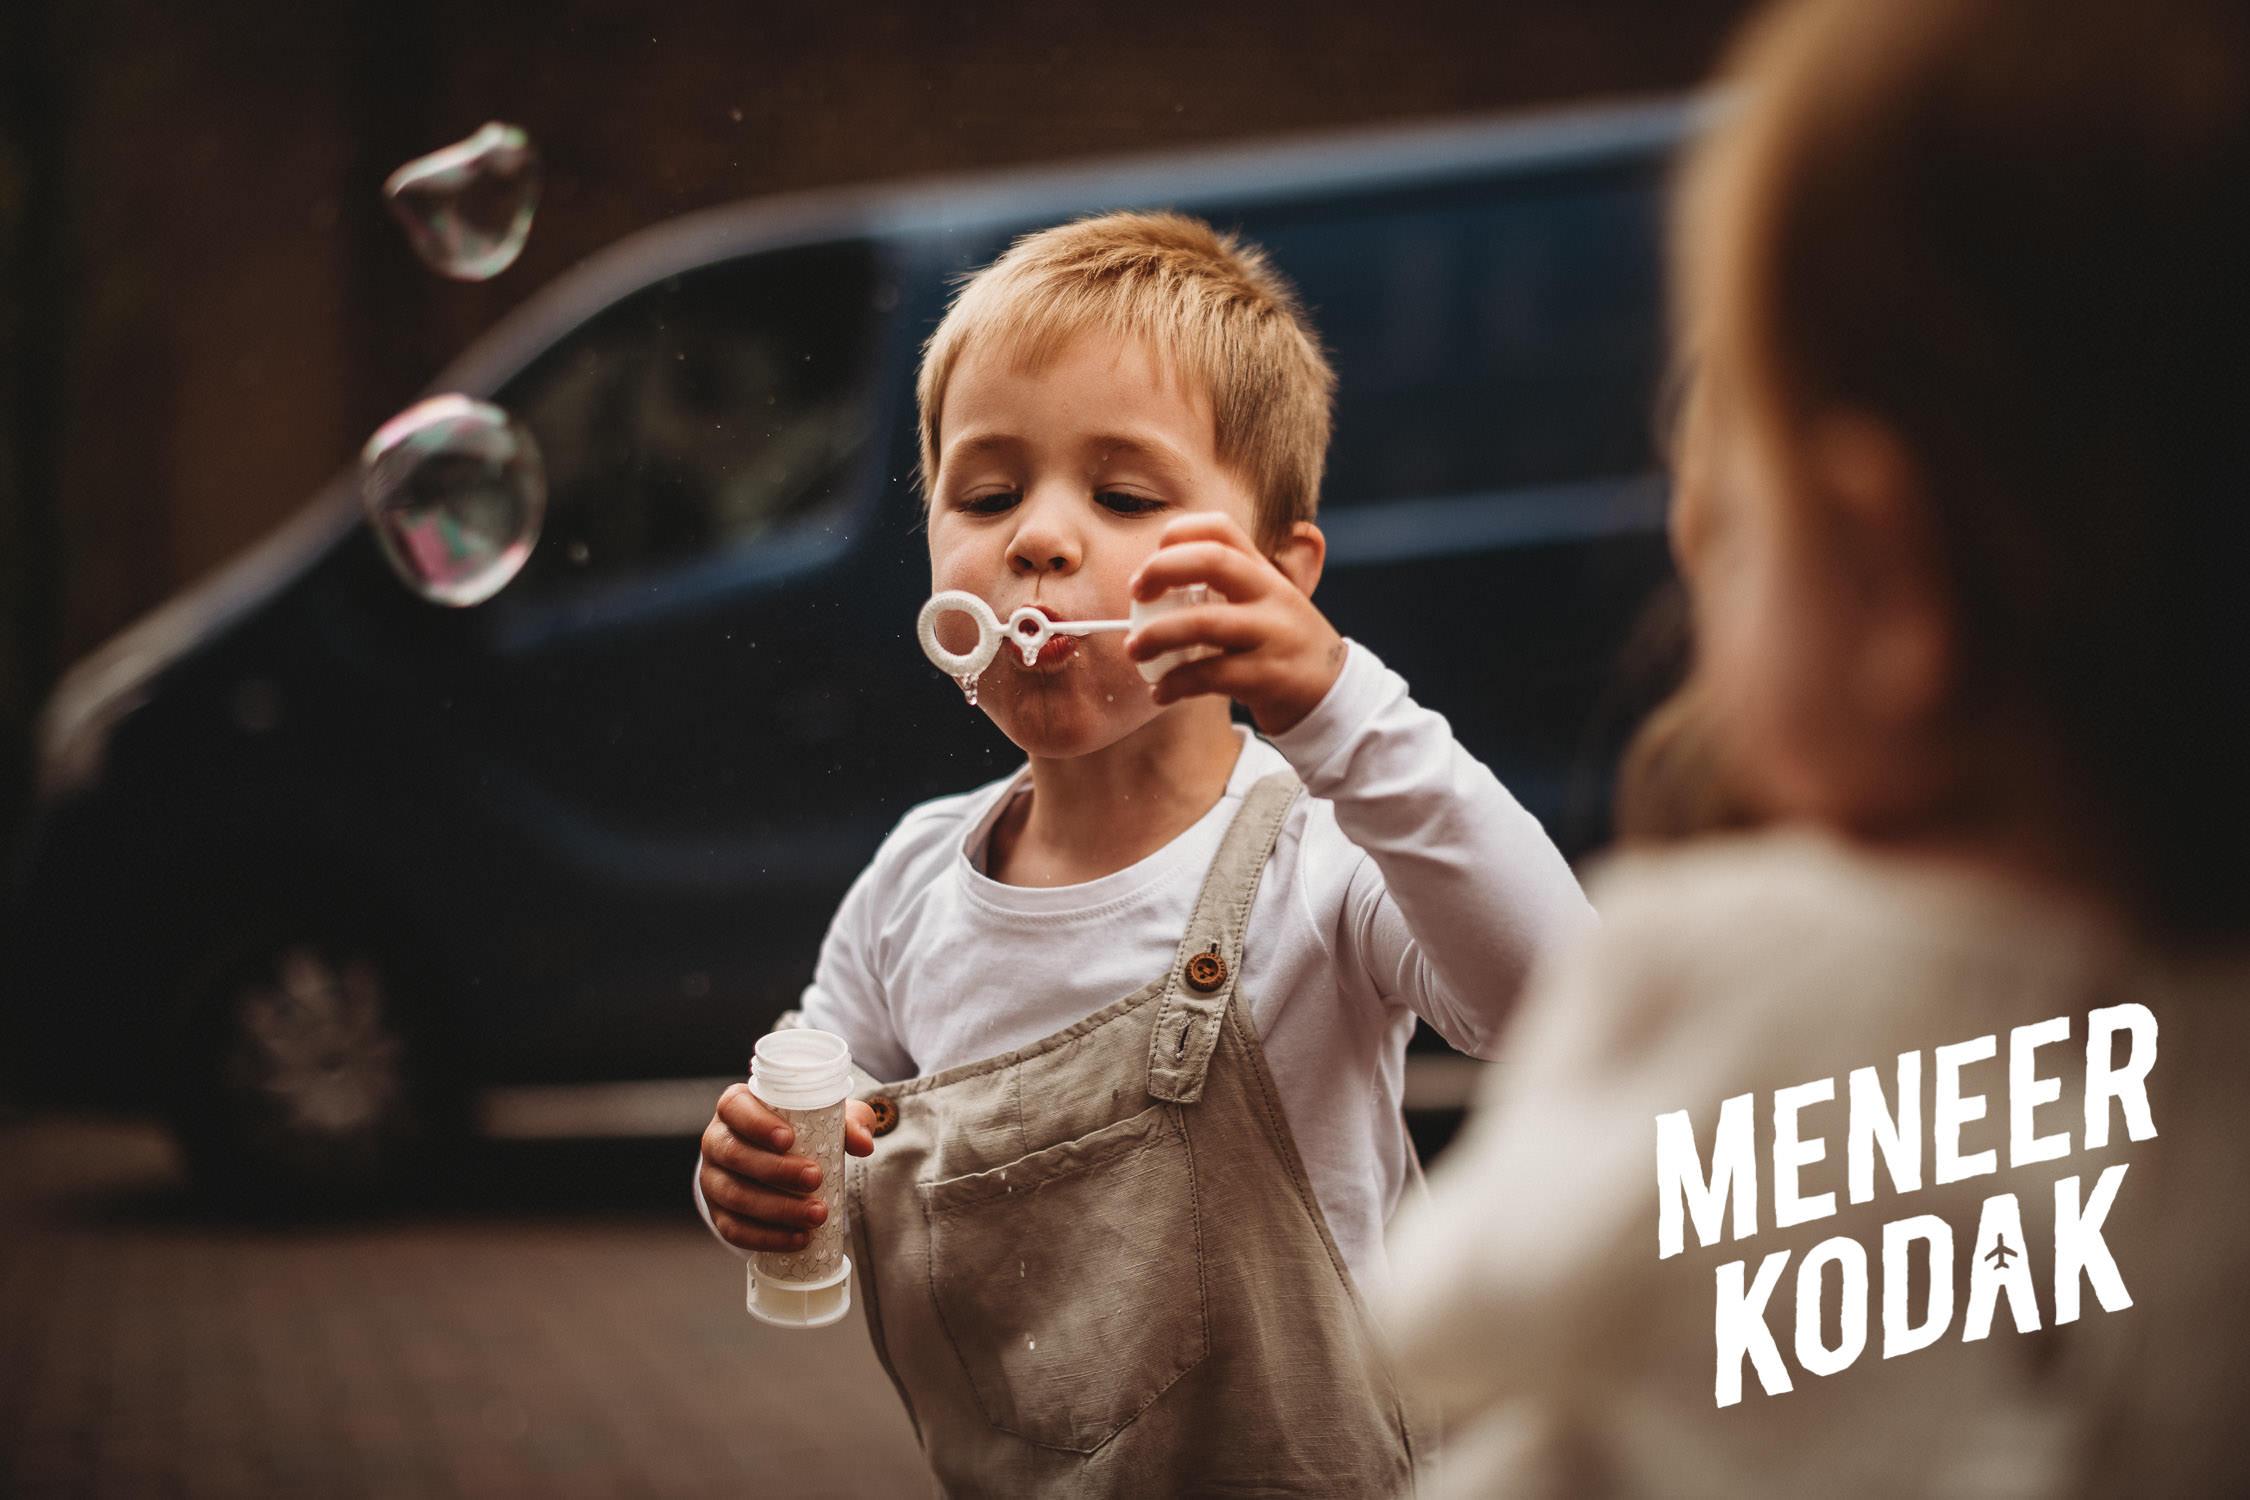 Meneer Kodak - Bruidsfotograaf - Roosendaal - A&D-072.jpg